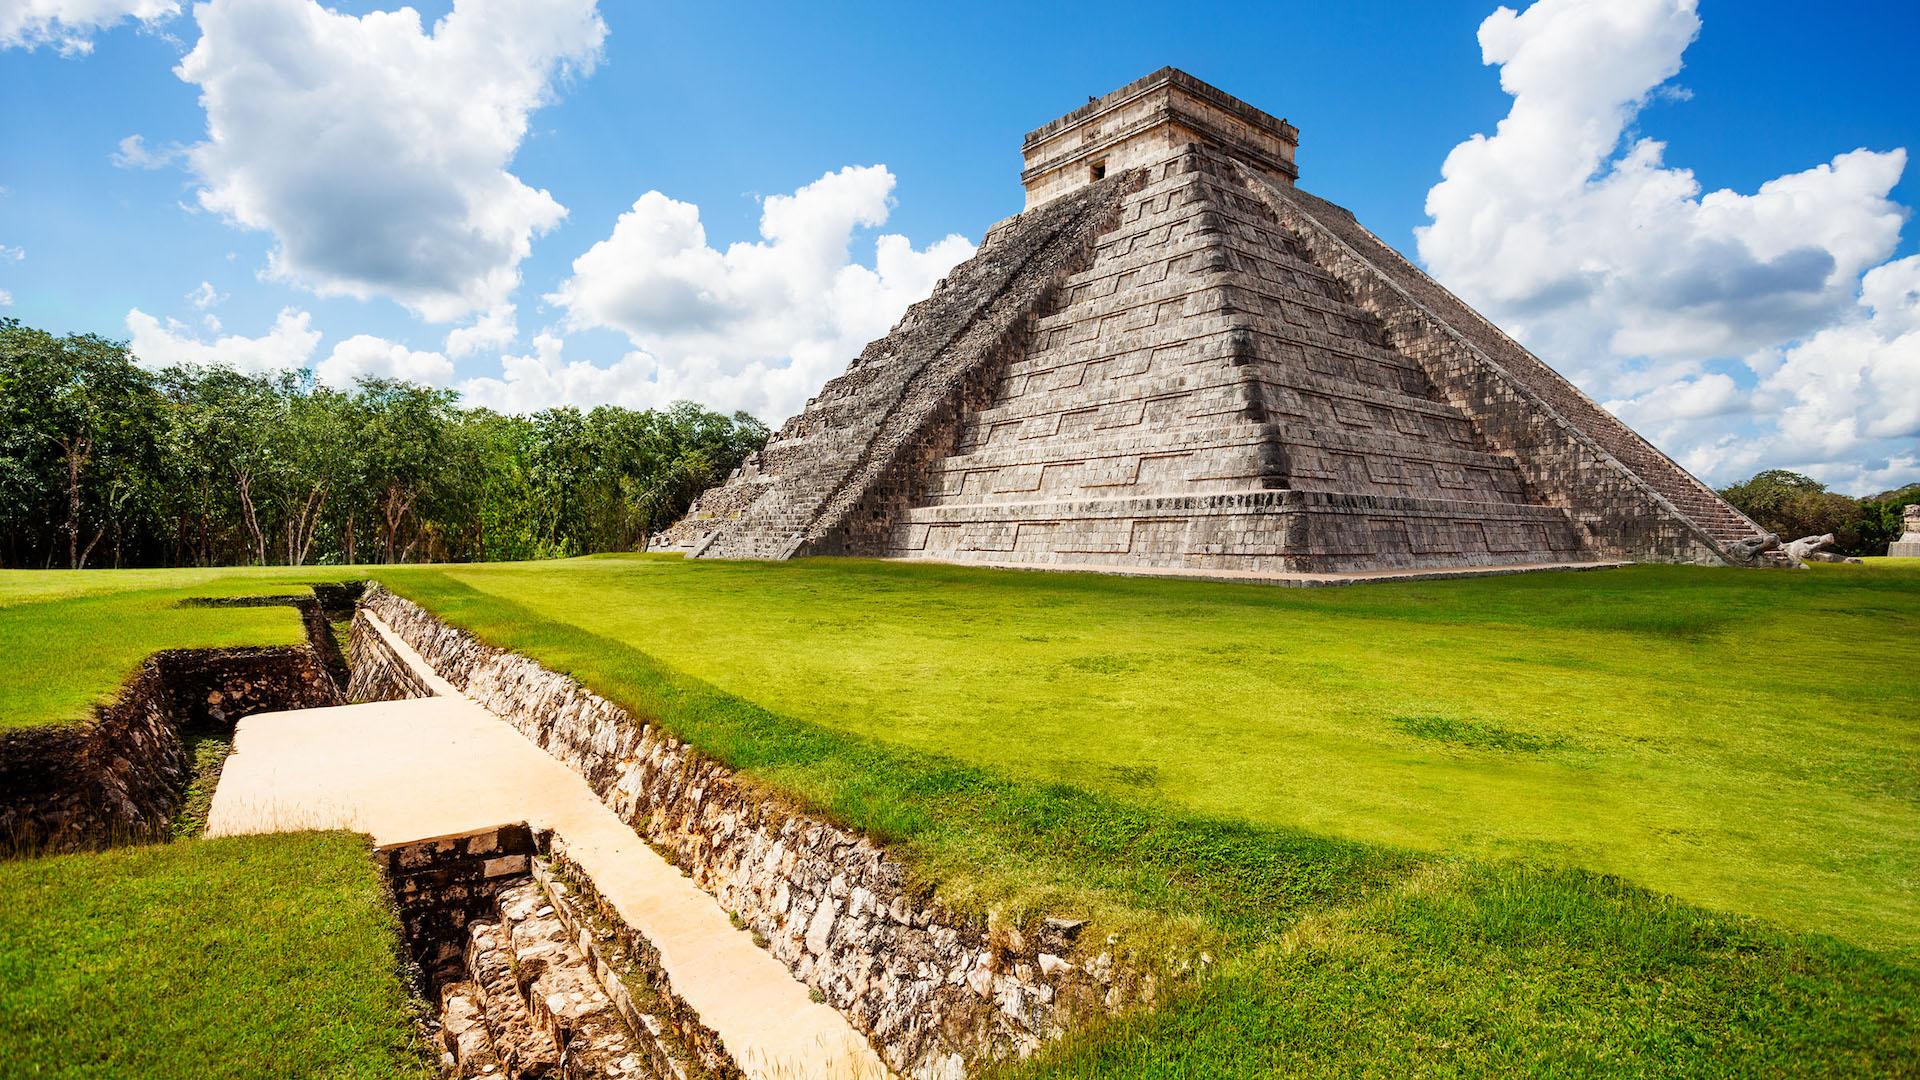 Lo Que Hay Que Saber Sobre Las Piramides En Mexico Conocedores Com Conocedores Com